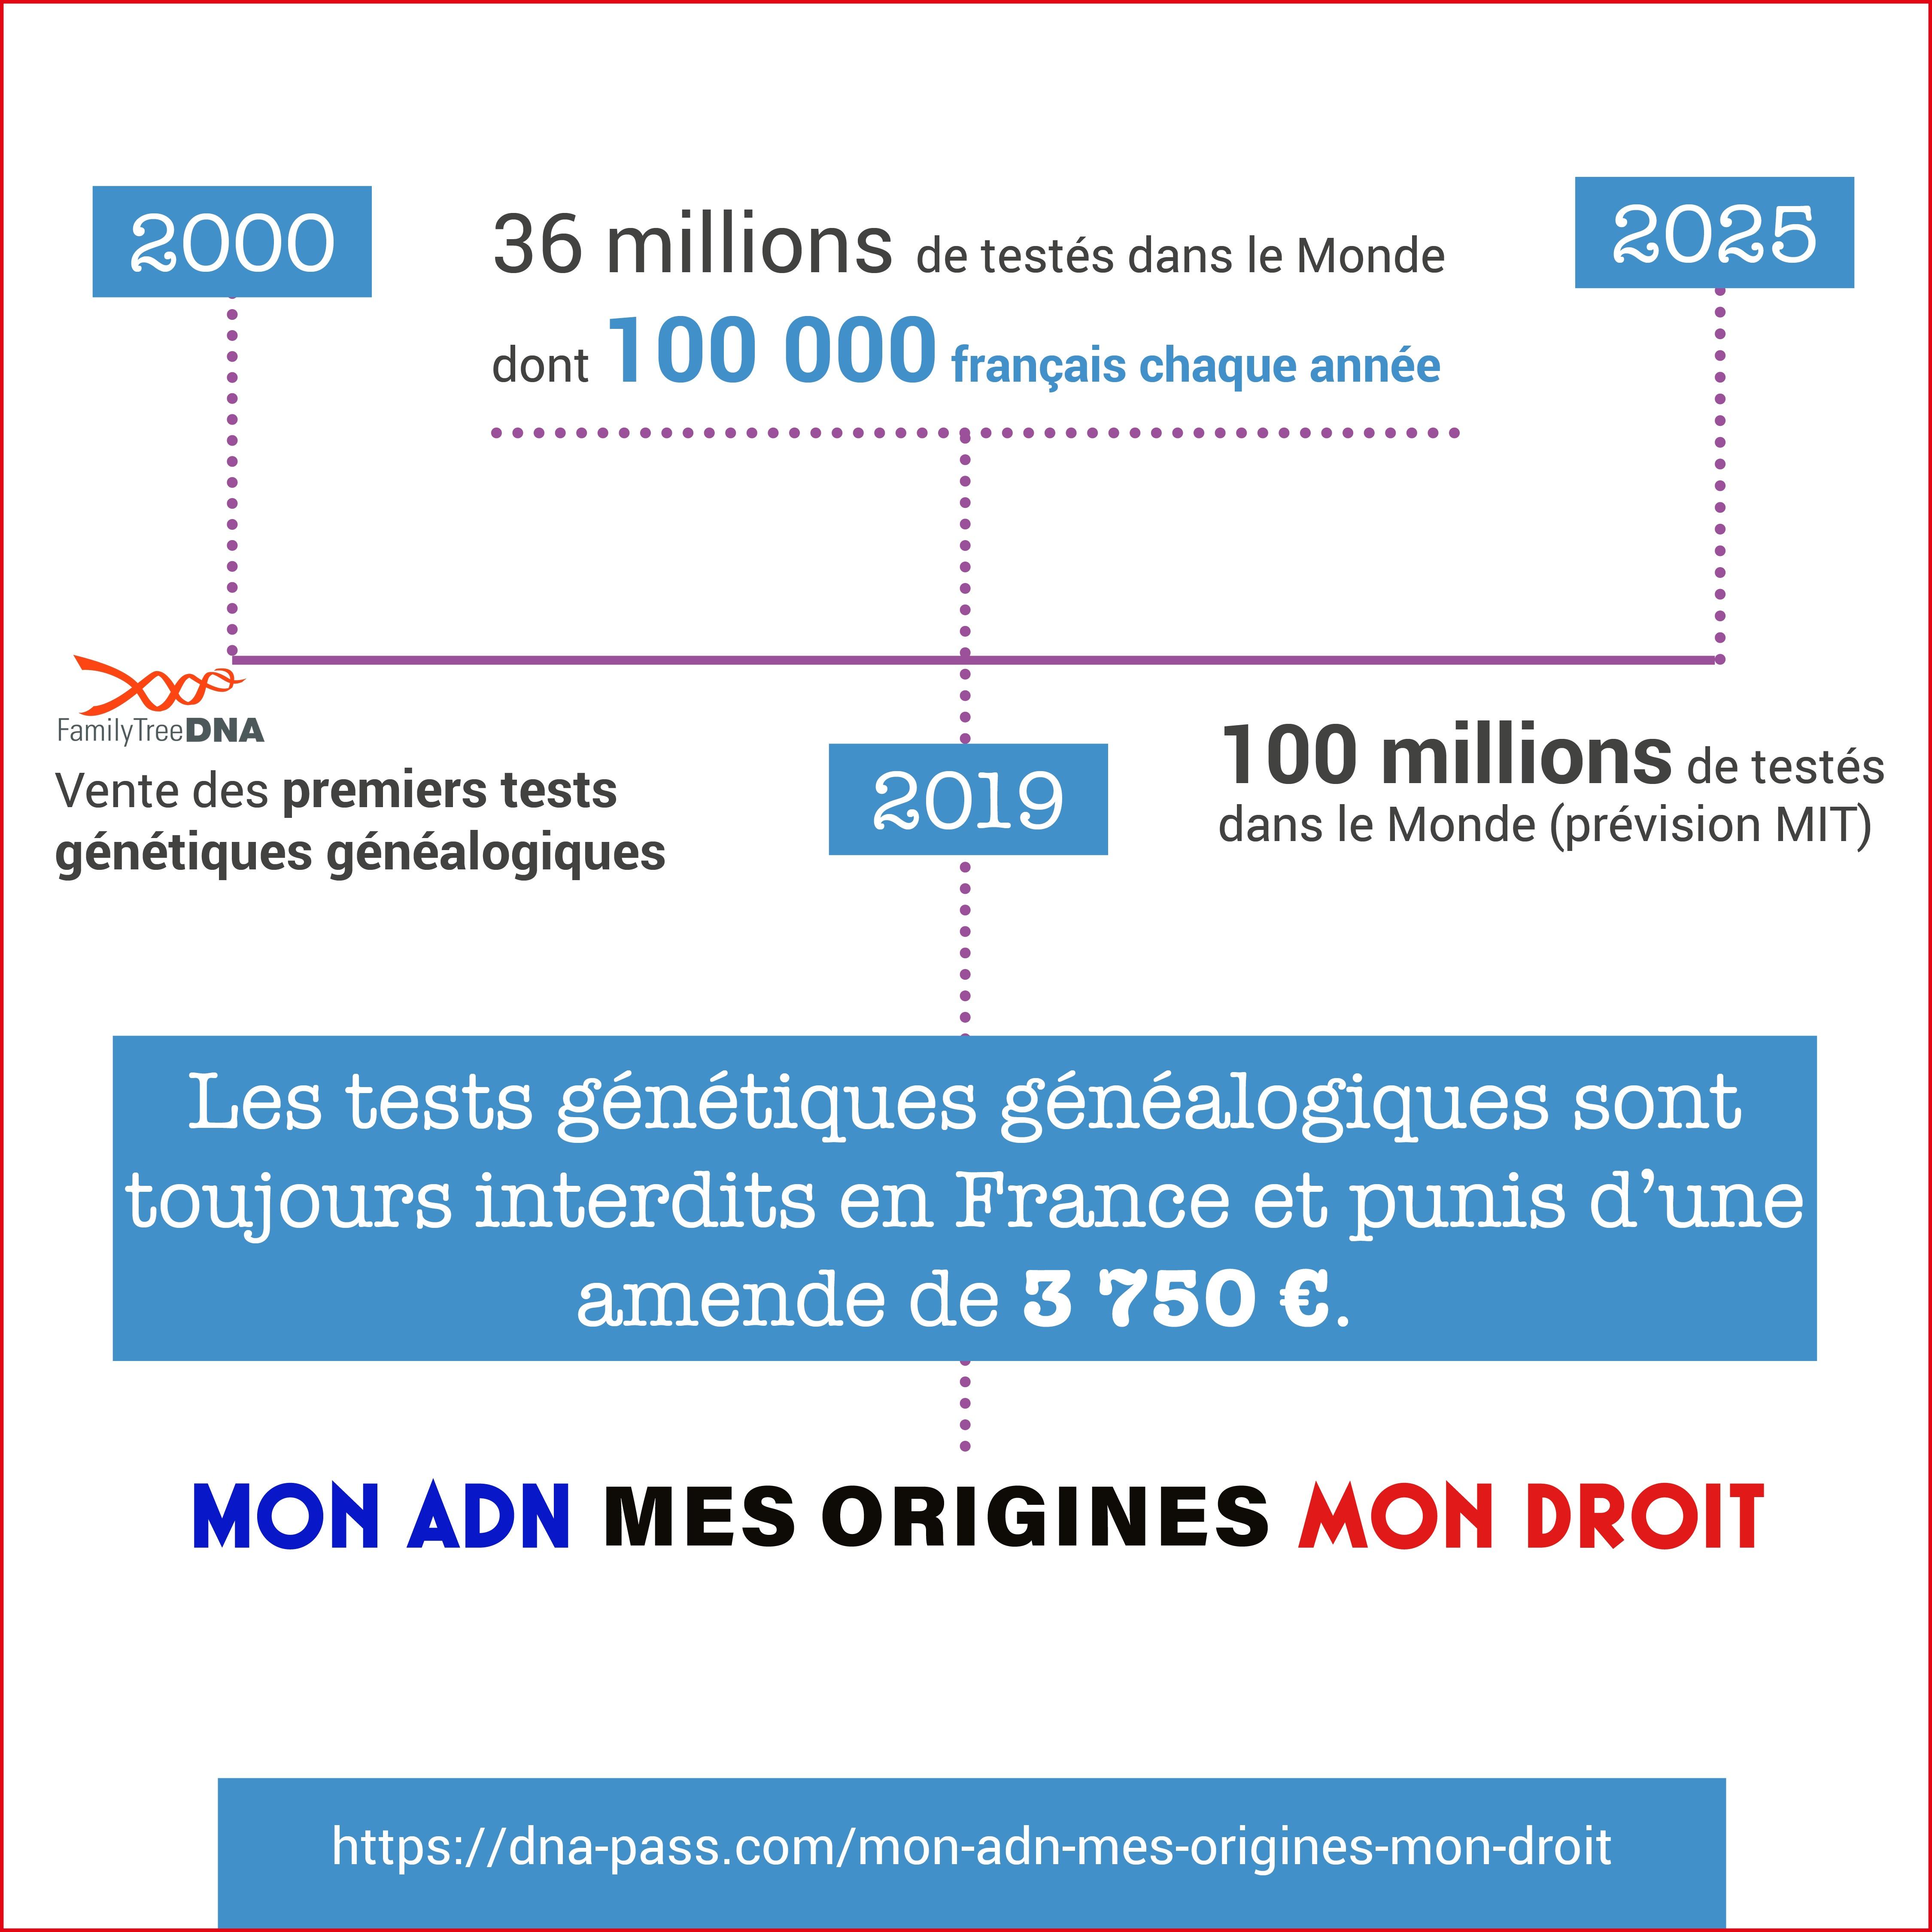 Plus d'un million et demie de français ont réalisé un test de généalogie génétique